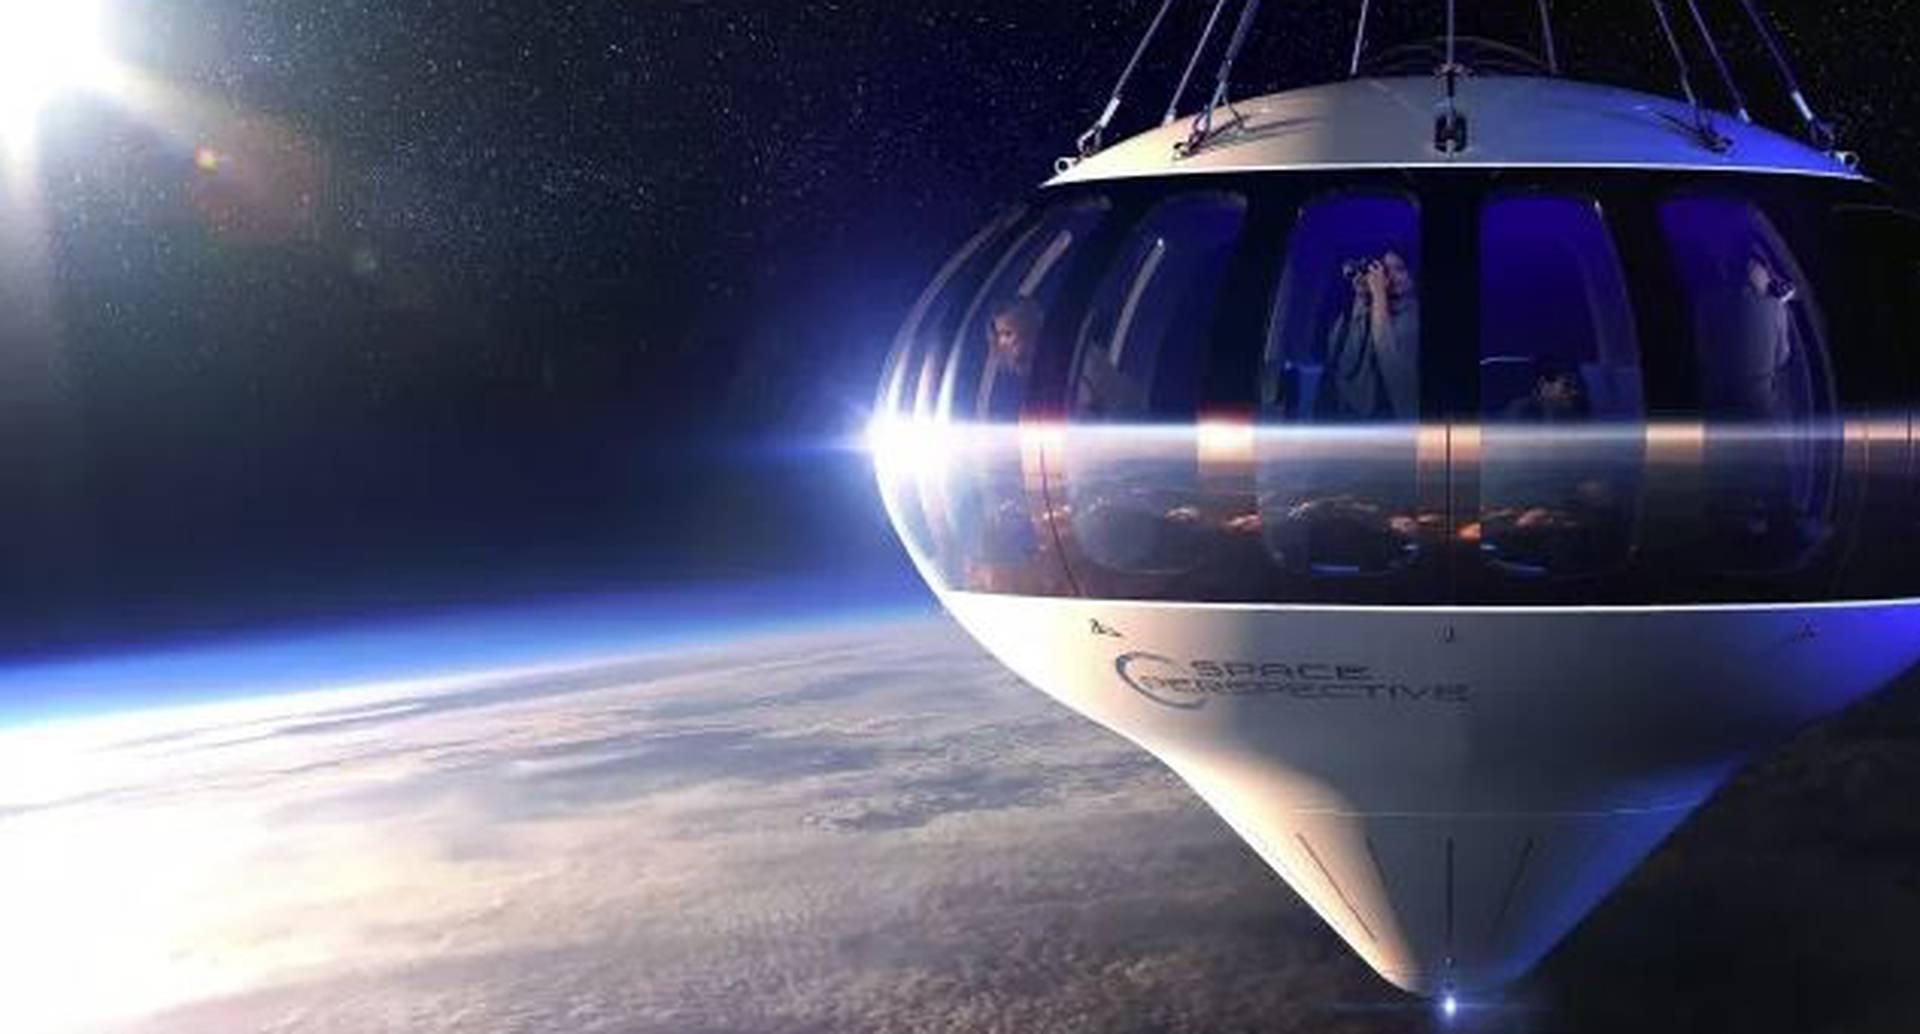 Agencia de turismo planea hacer un viaje en globo al espacio, ¿se le mediría?